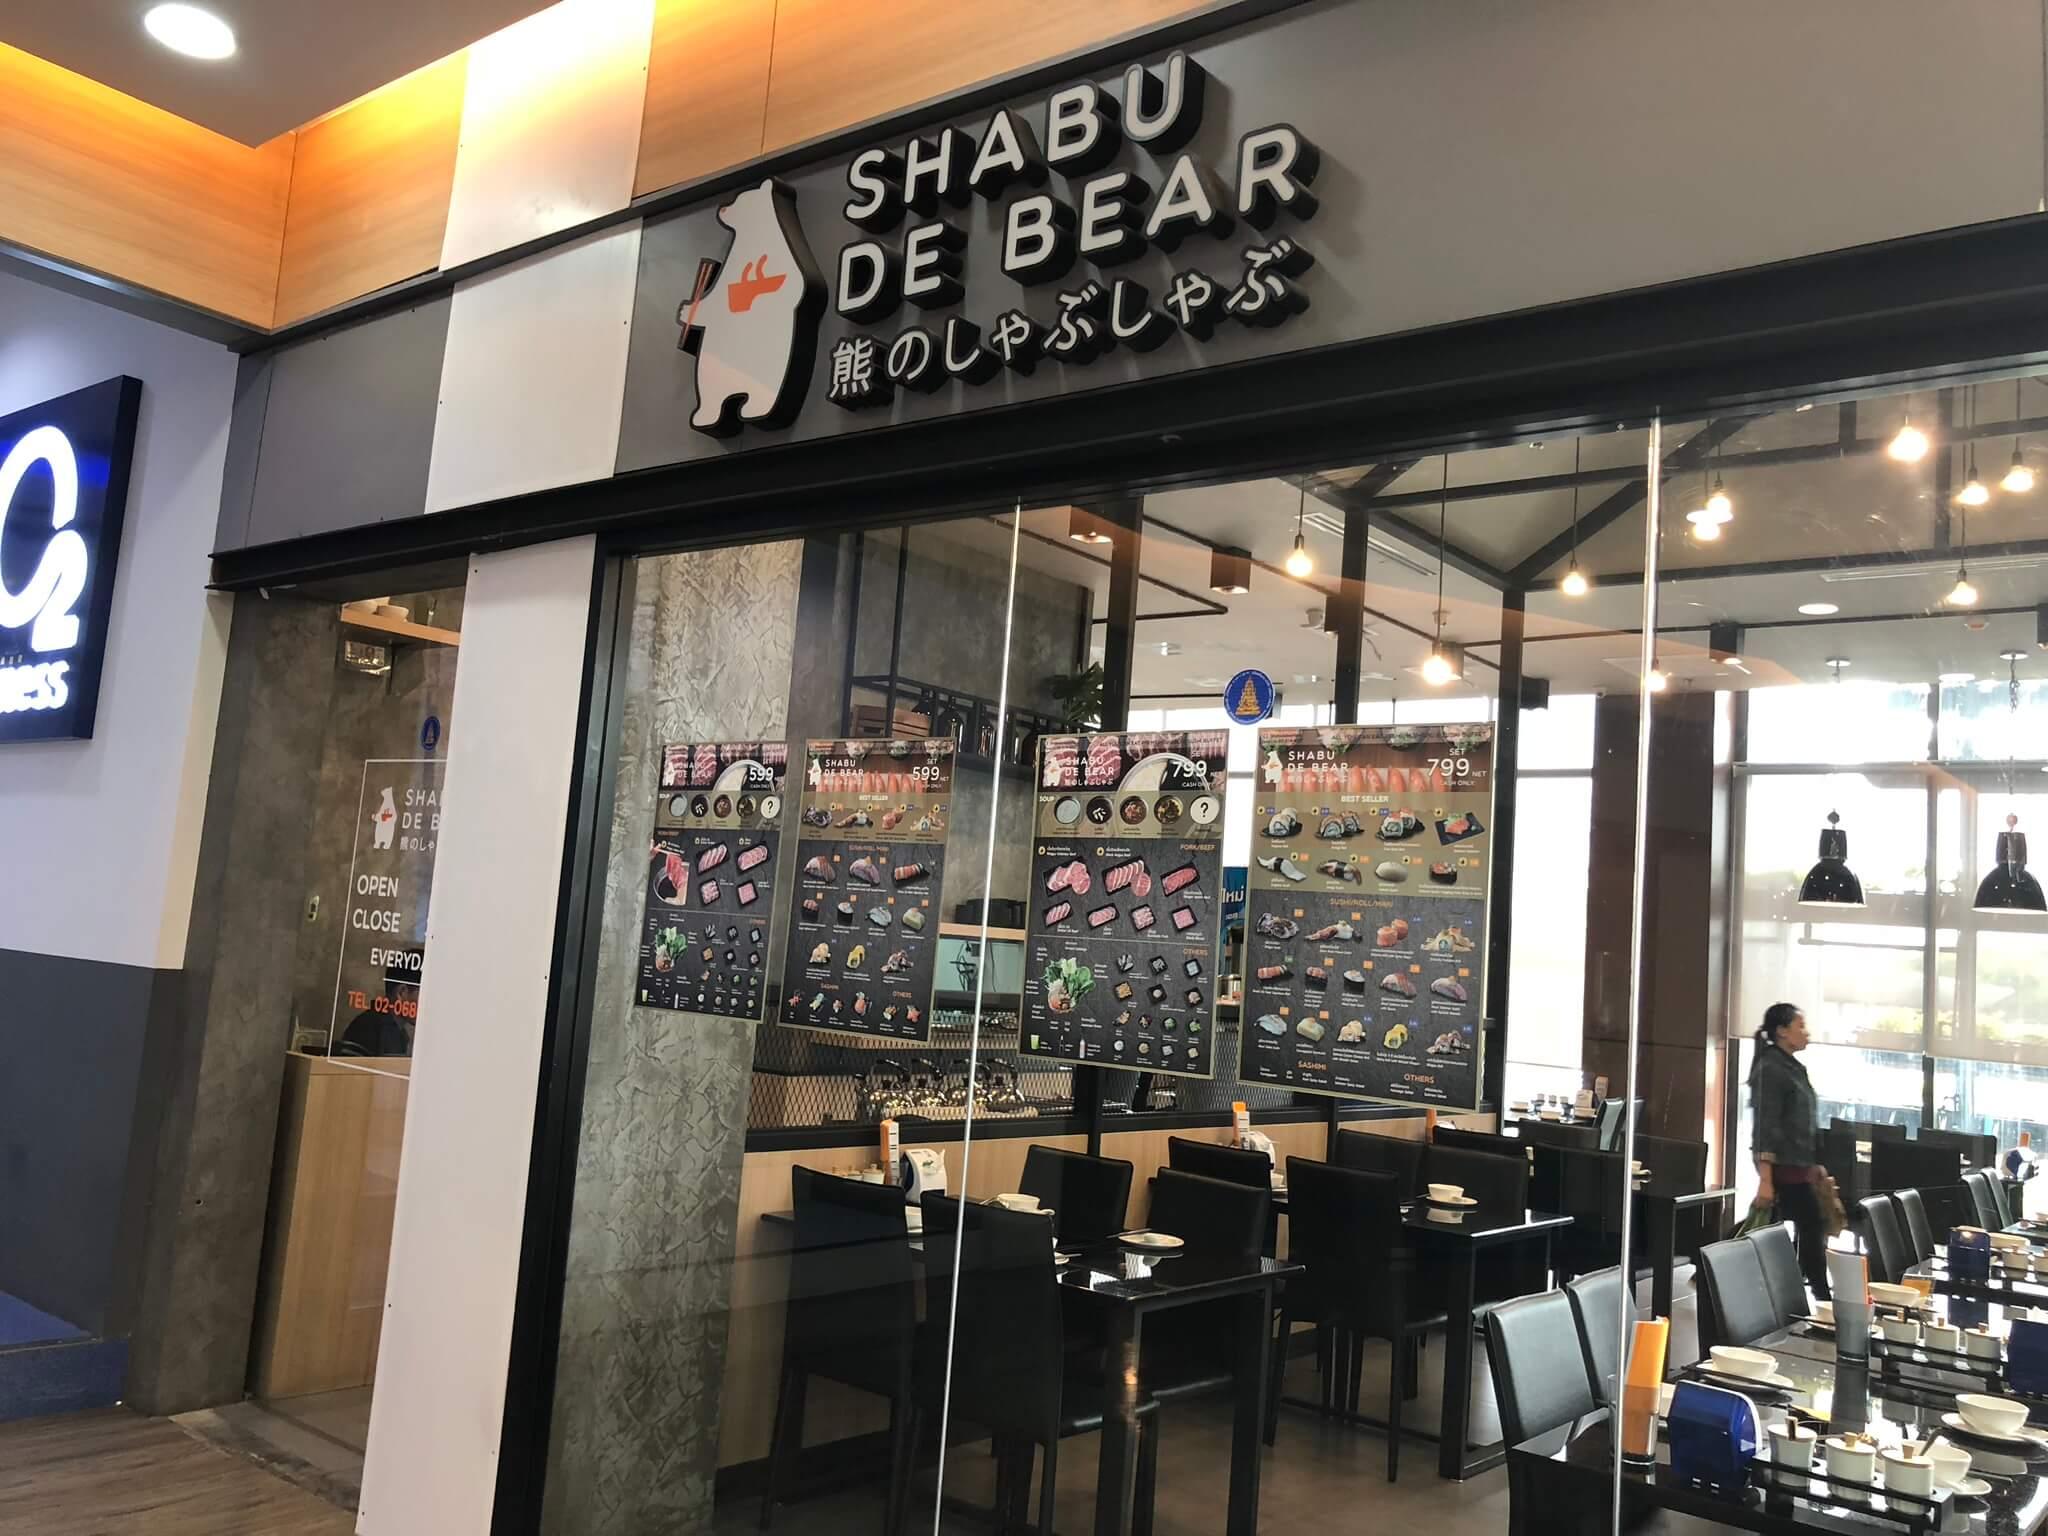 ชาบู-ก็ดี-ซูชิ-ก็ได้-ที่-Shabu-De-Bear